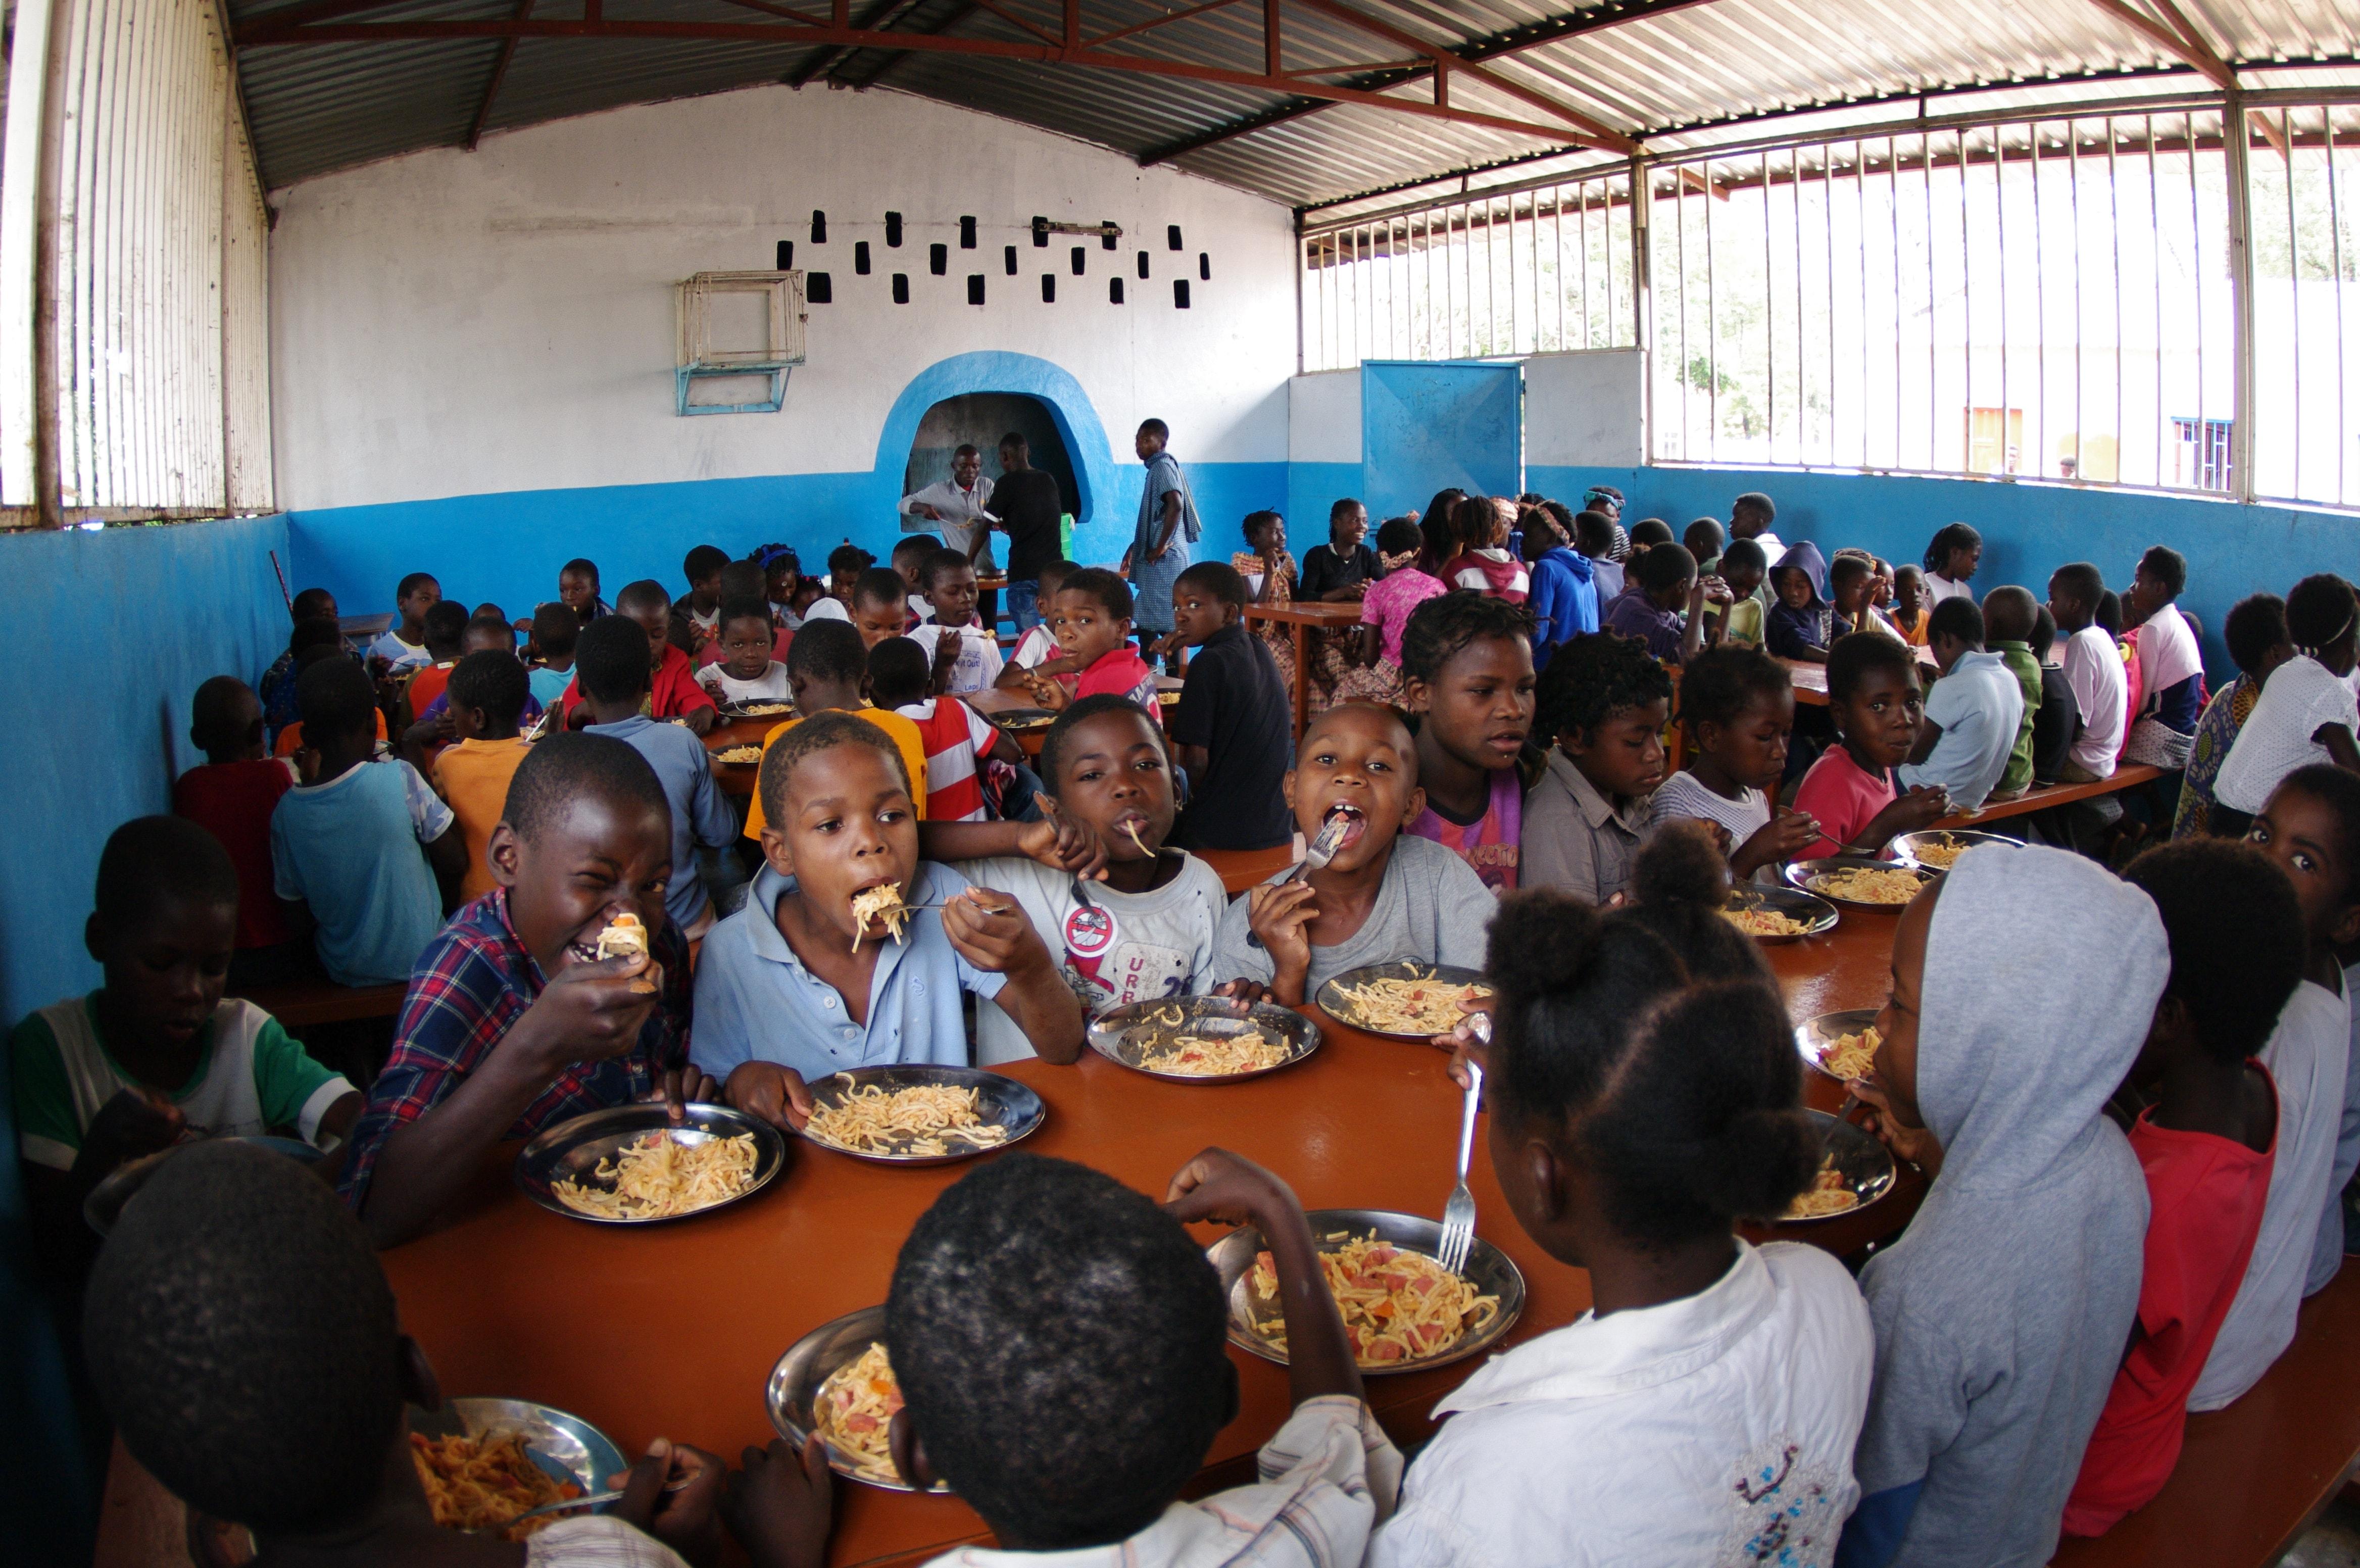 Cientos de niños reciben cada domingo un almuerzo balanceado, después del culto. Este programa con la nutrición infantil y la educación sanitaria. Foto: Rev. Gustavo Vasquez, Noticias MU.